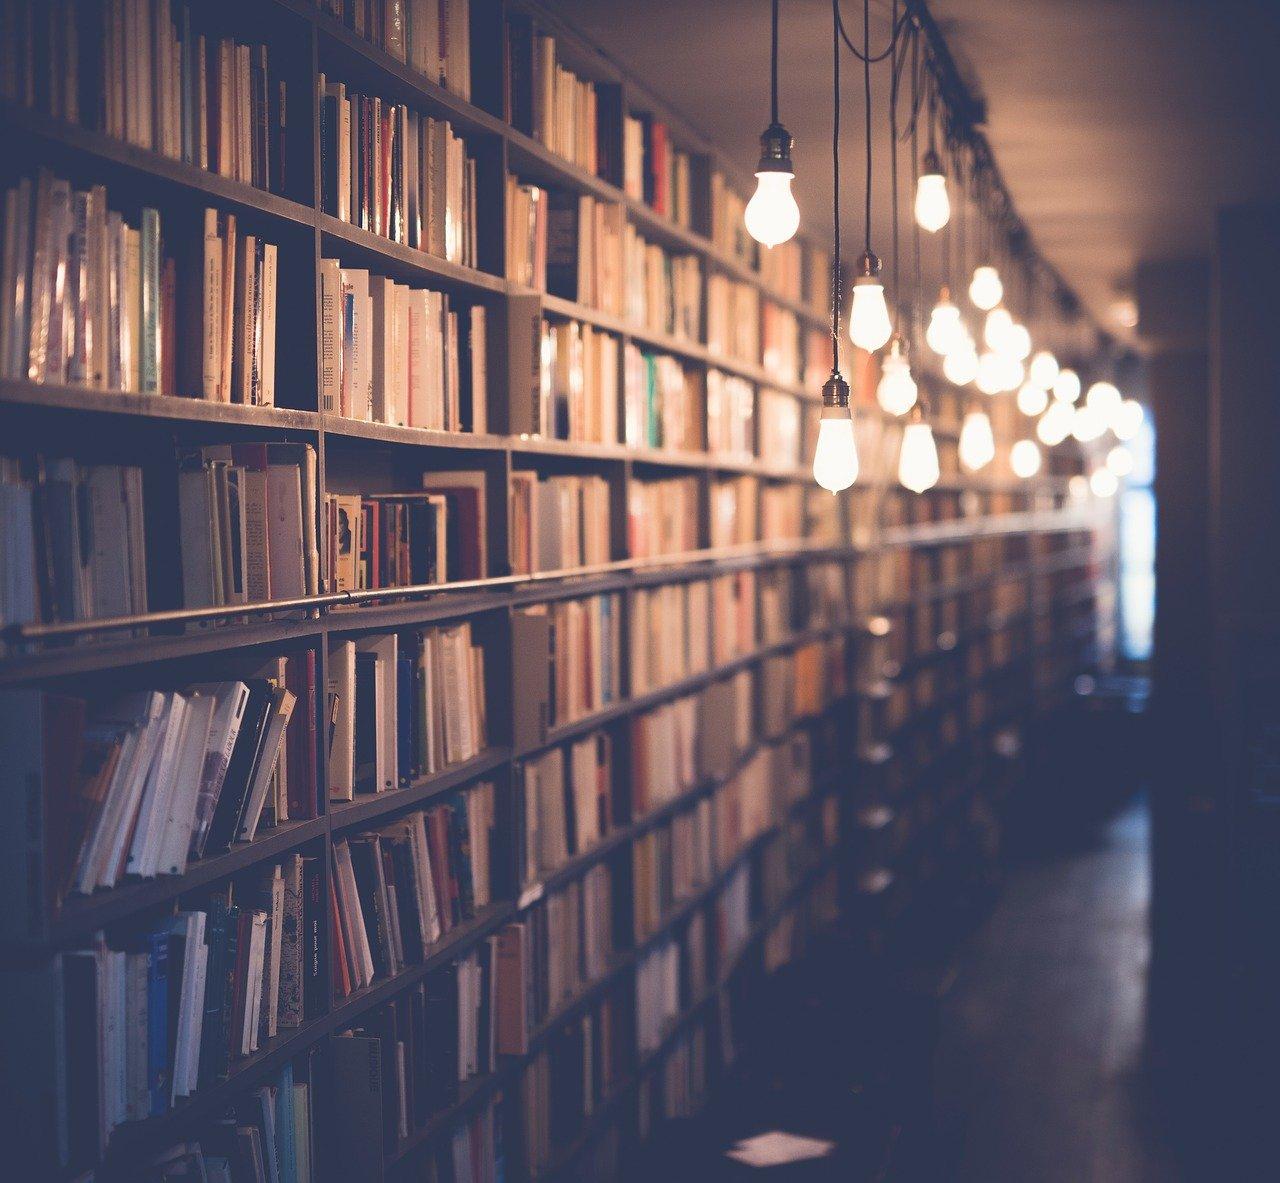 libros, biblioteca, habitación